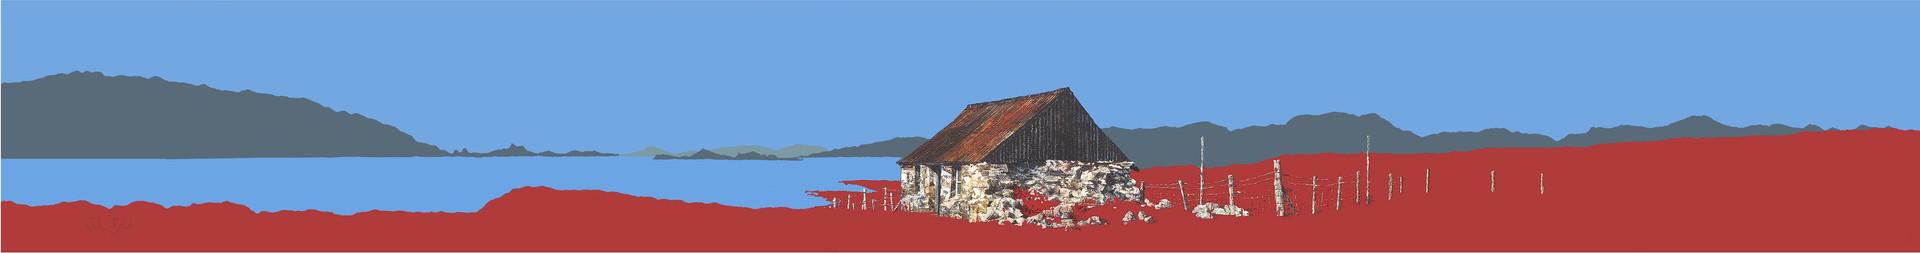 Bothy, Loch Linnhe